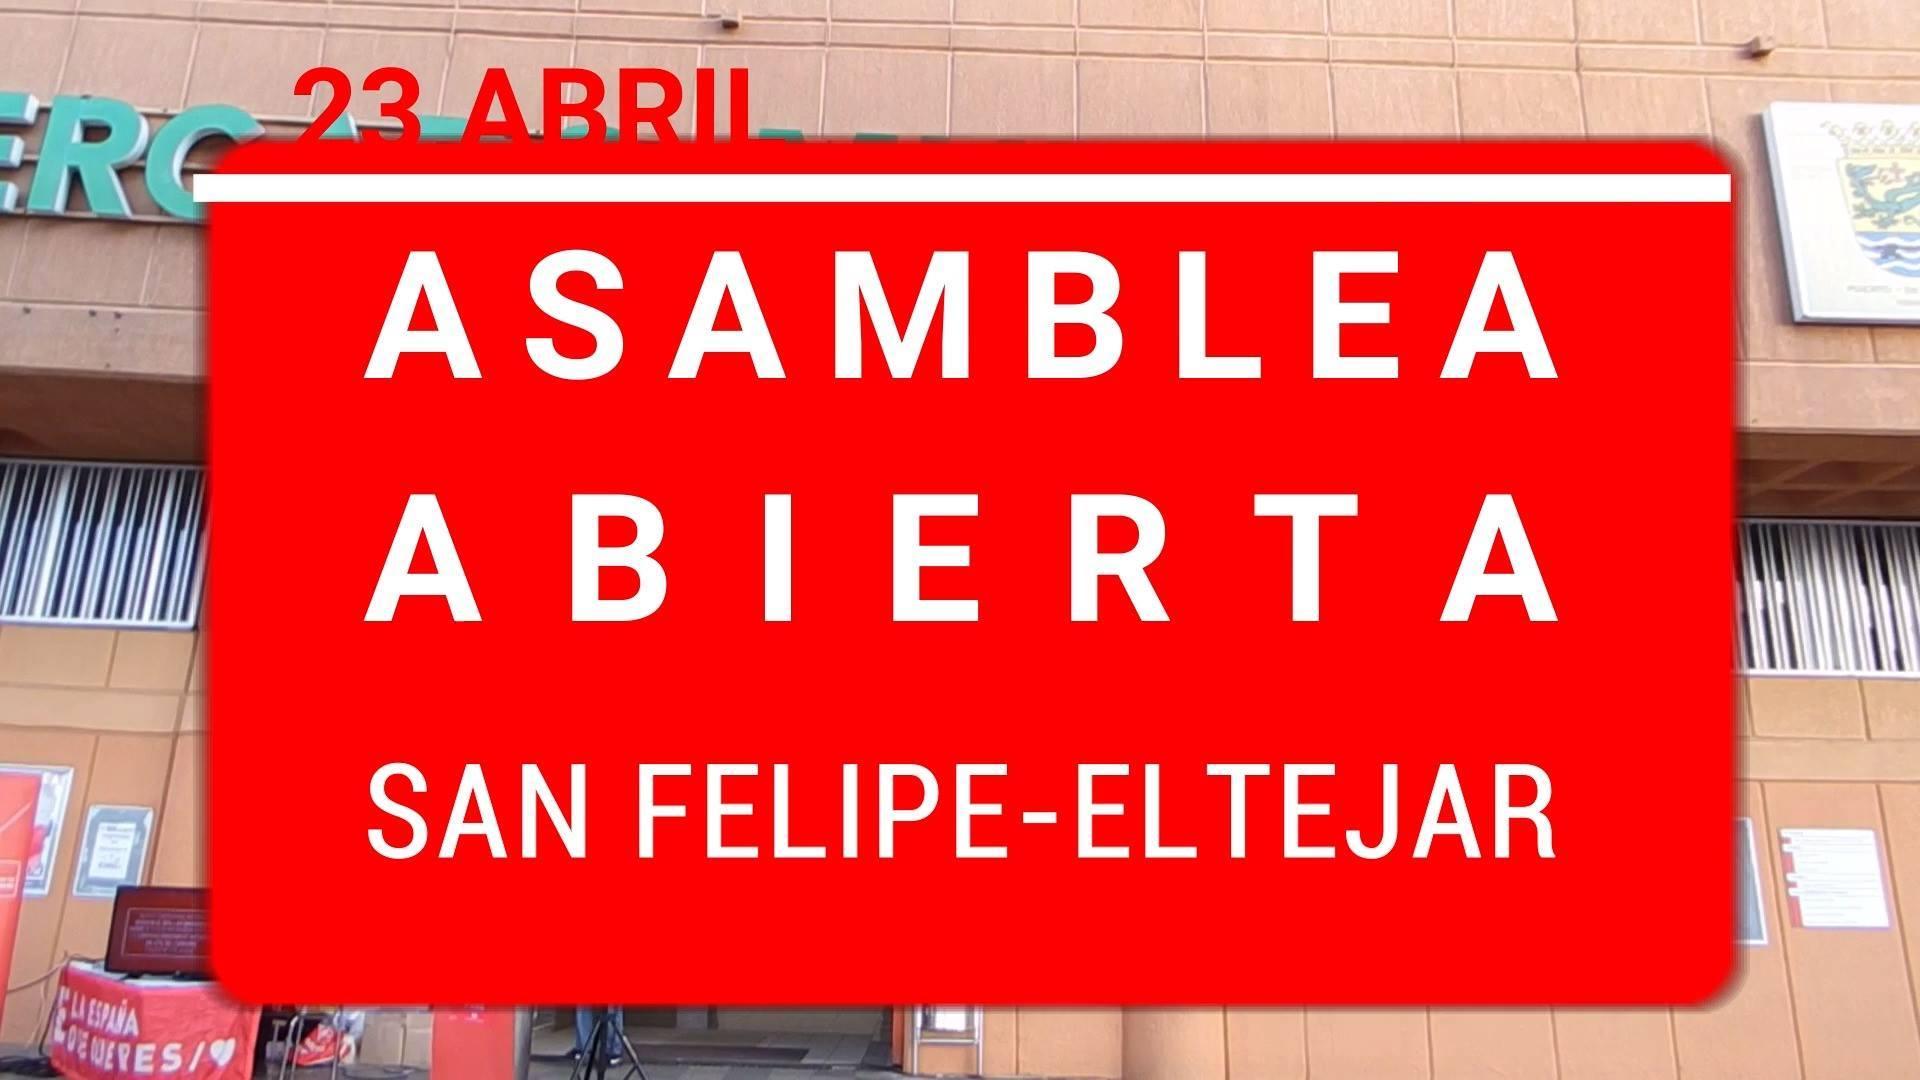 #diariodecampaña ASAMBLEA ABIERTA EN SAN FELIPE EL TEJAR